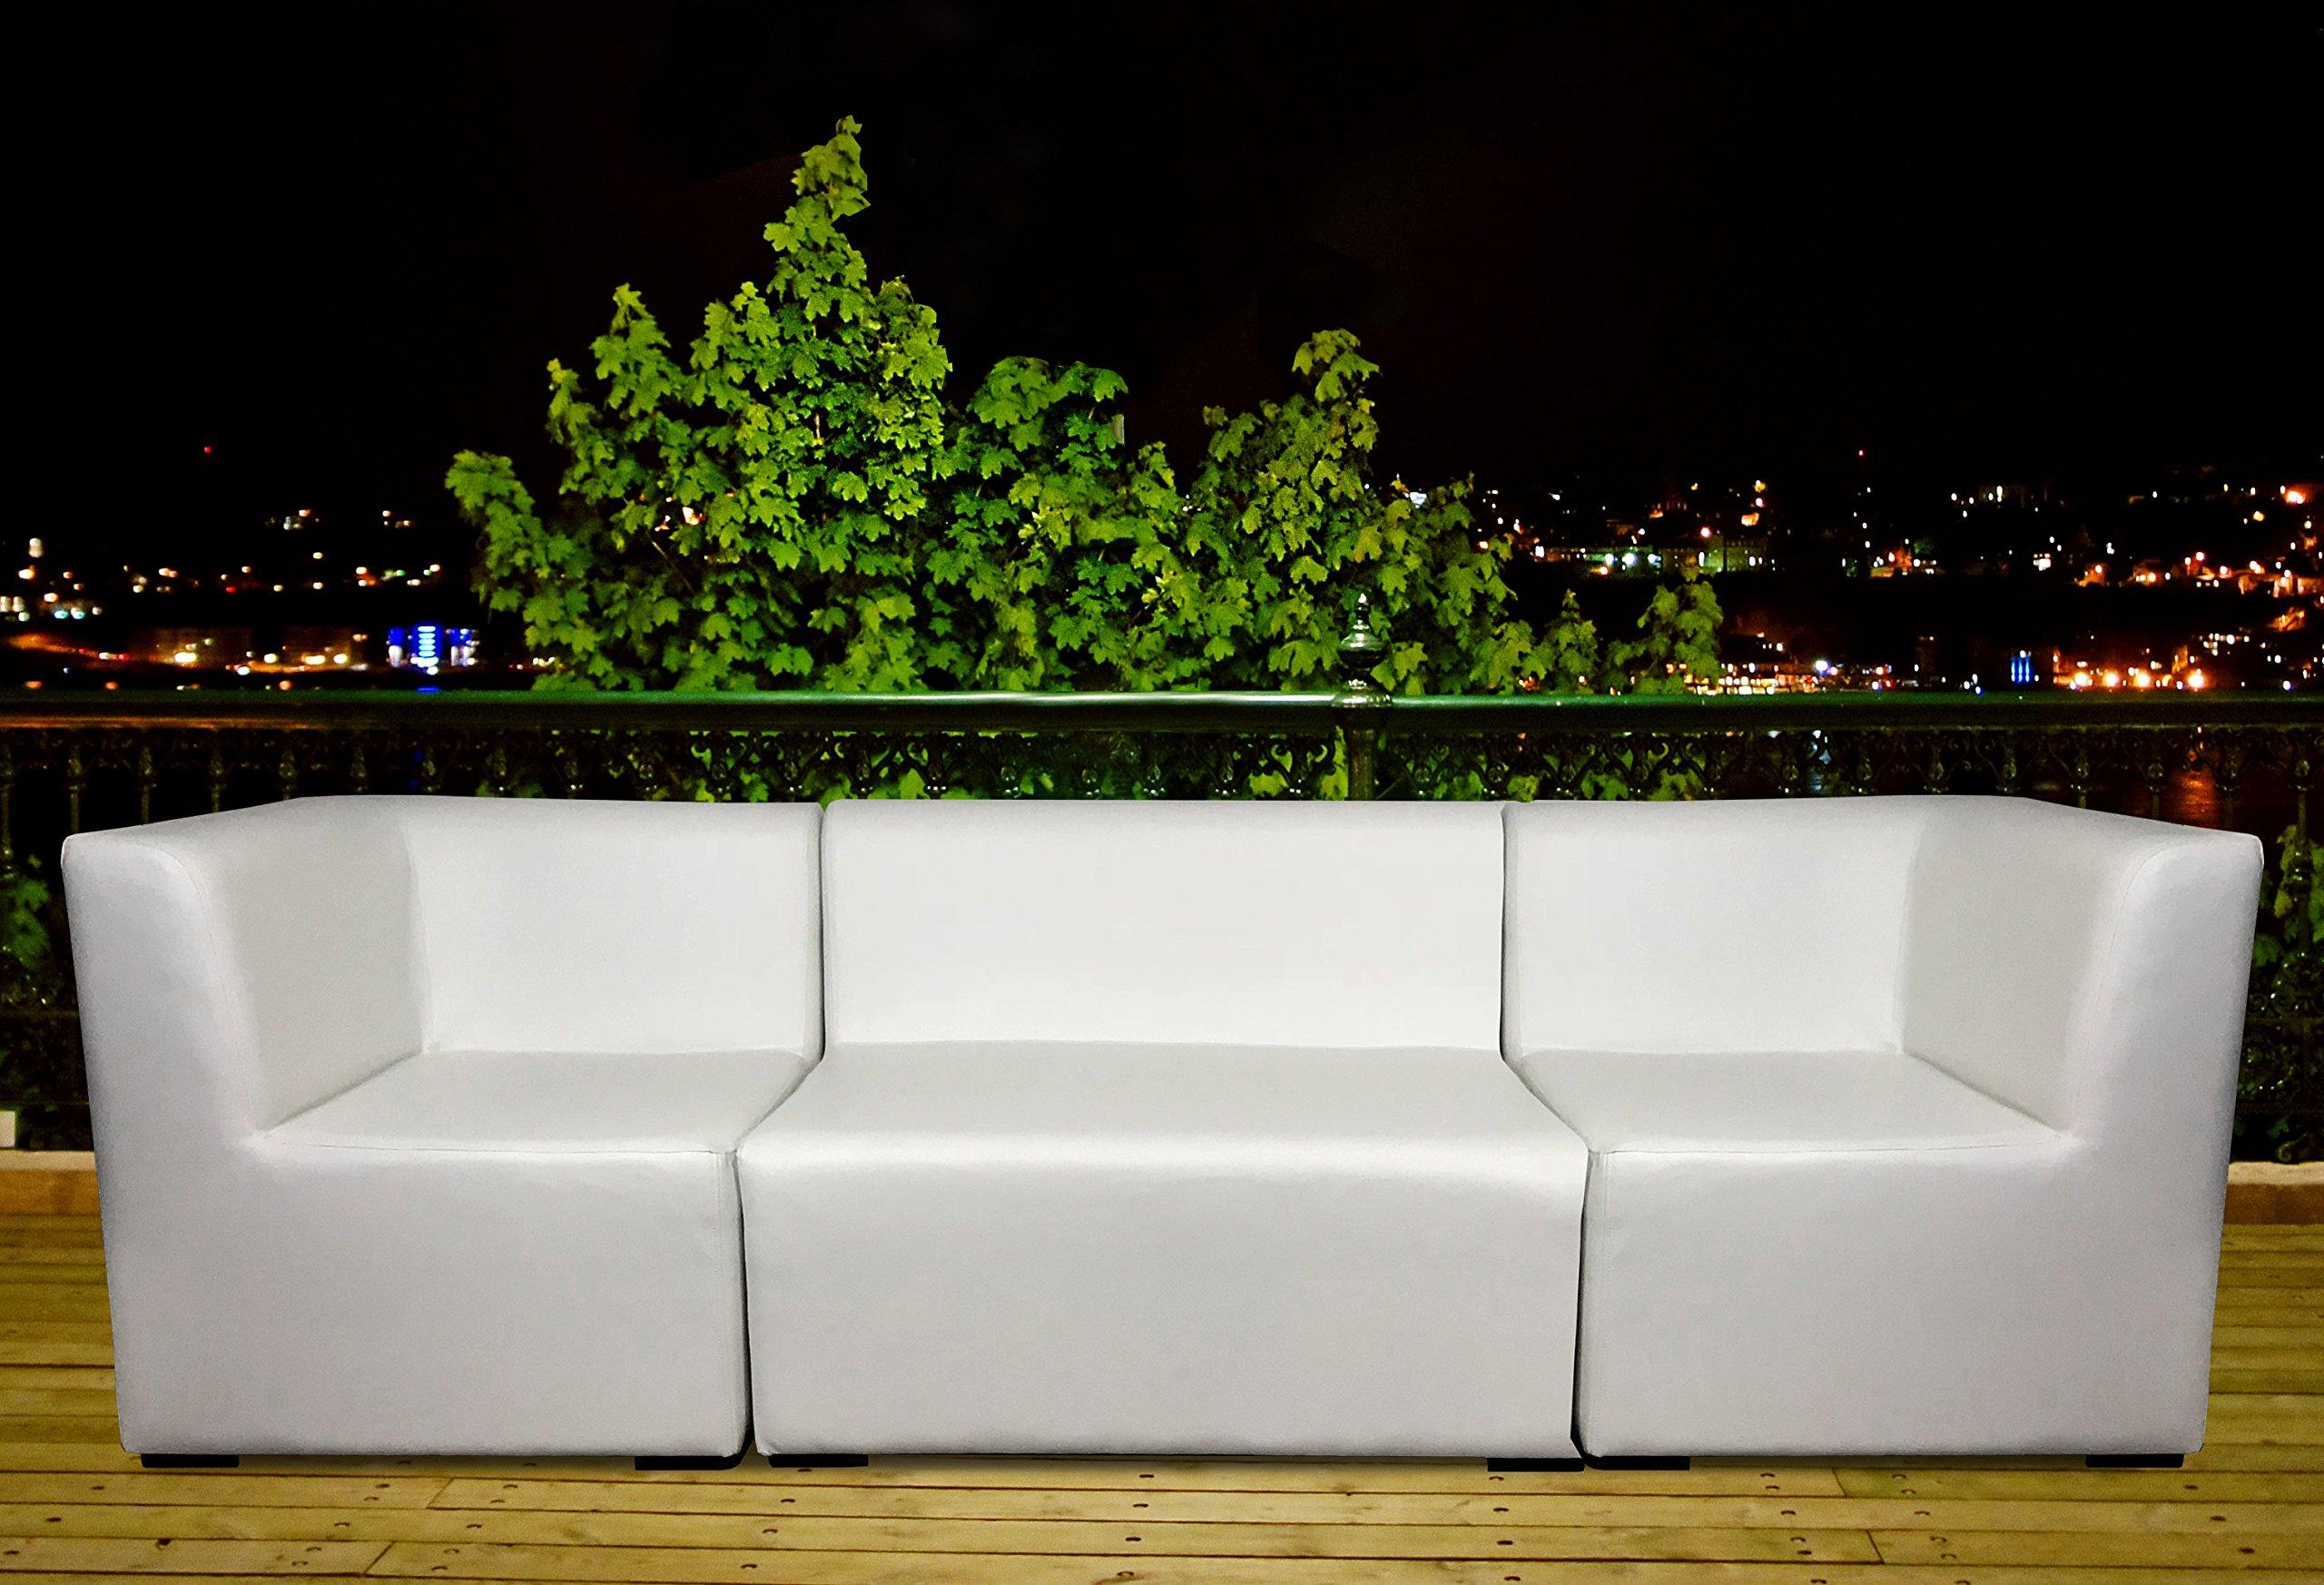 SUENOSZZZ-ESPECIALISTAS DEL DESCANSO Sofa Exterior Modular Benahavis rinconera Color Naranja tapizado en Polipiel Silva. Chill out Jardin o recepcion.: Amazon.es: Hogar